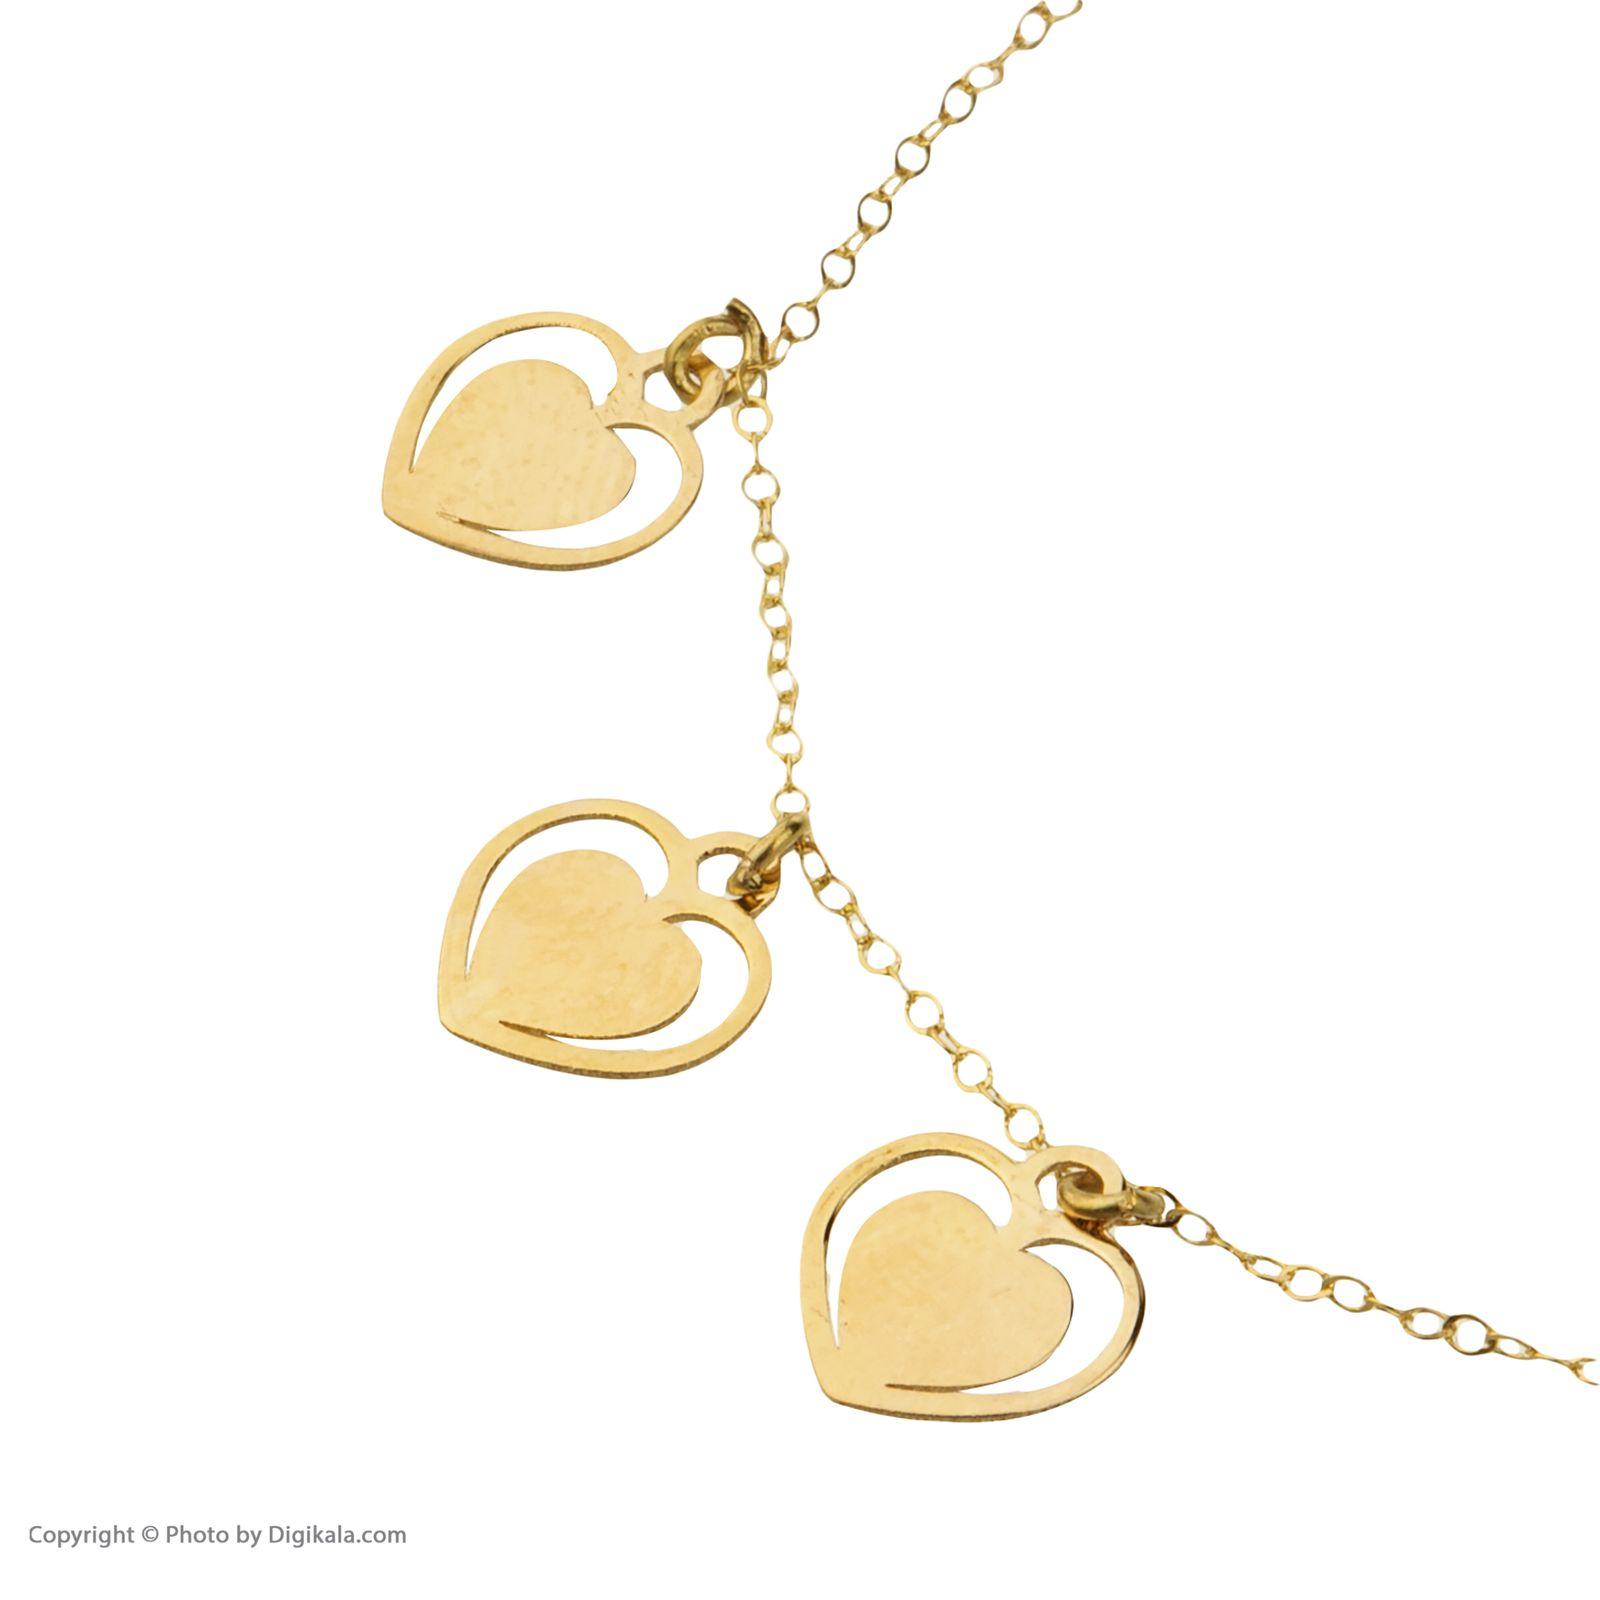 دستبند طلا 18 عیار زنانه میو گلد مدل GD605 -  - 6